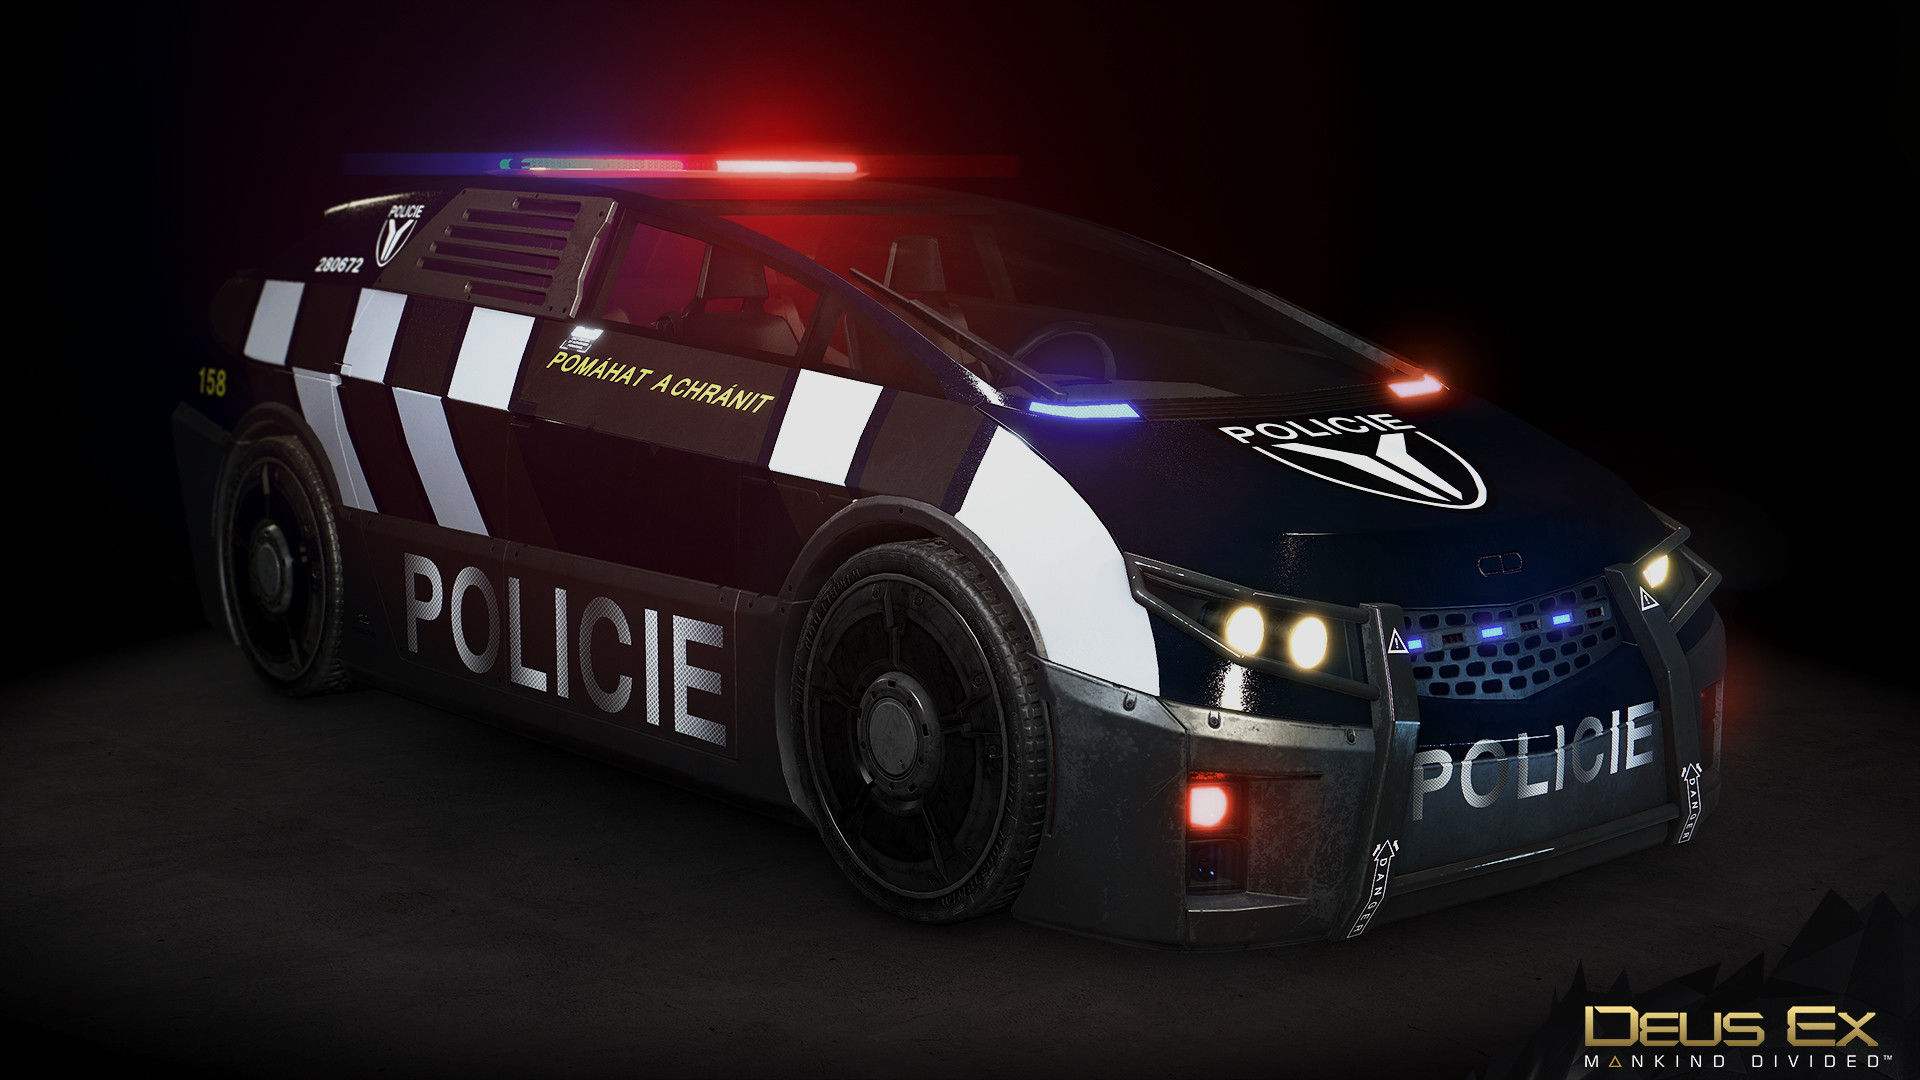 https://cdnb.artstation.com/p/assets/images/images/003/501/711/large/frederic-ferland-dorval-police-front.jpg?1474398680